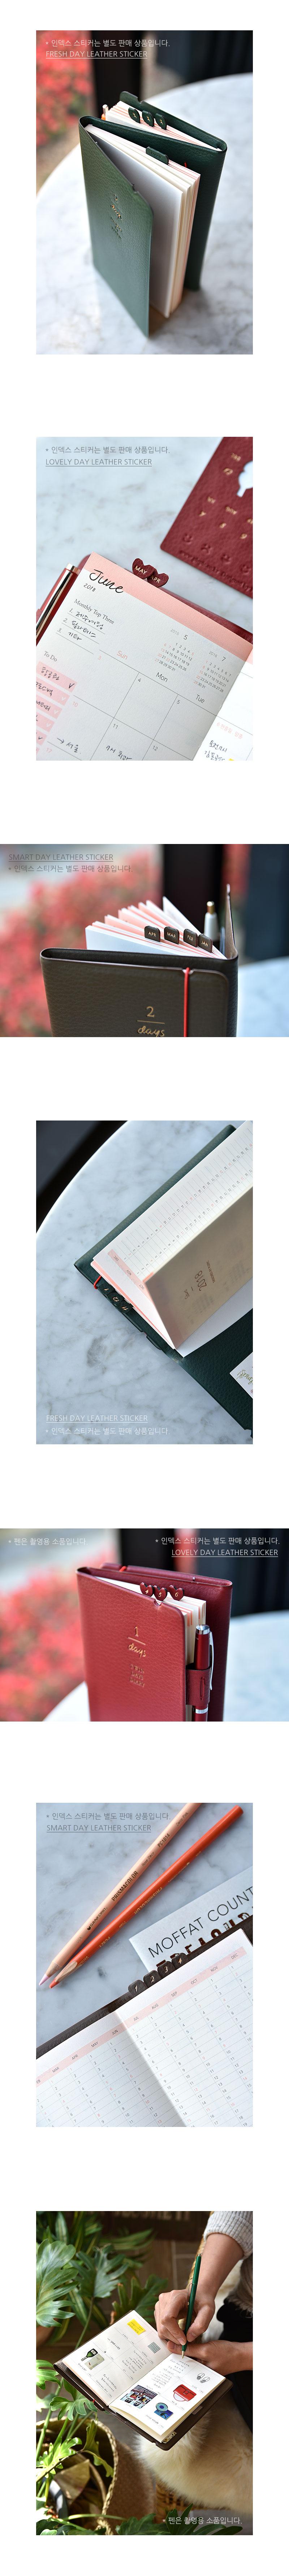 2018 Twin Days Diary18,900원-플레픽디자인문구, 플래너/스케줄러, 플래너, 위클리플래너바보사랑2018 Twin Days Diary18,900원-플레픽디자인문구, 플래너/스케줄러, 플래너, 위클리플래너바보사랑